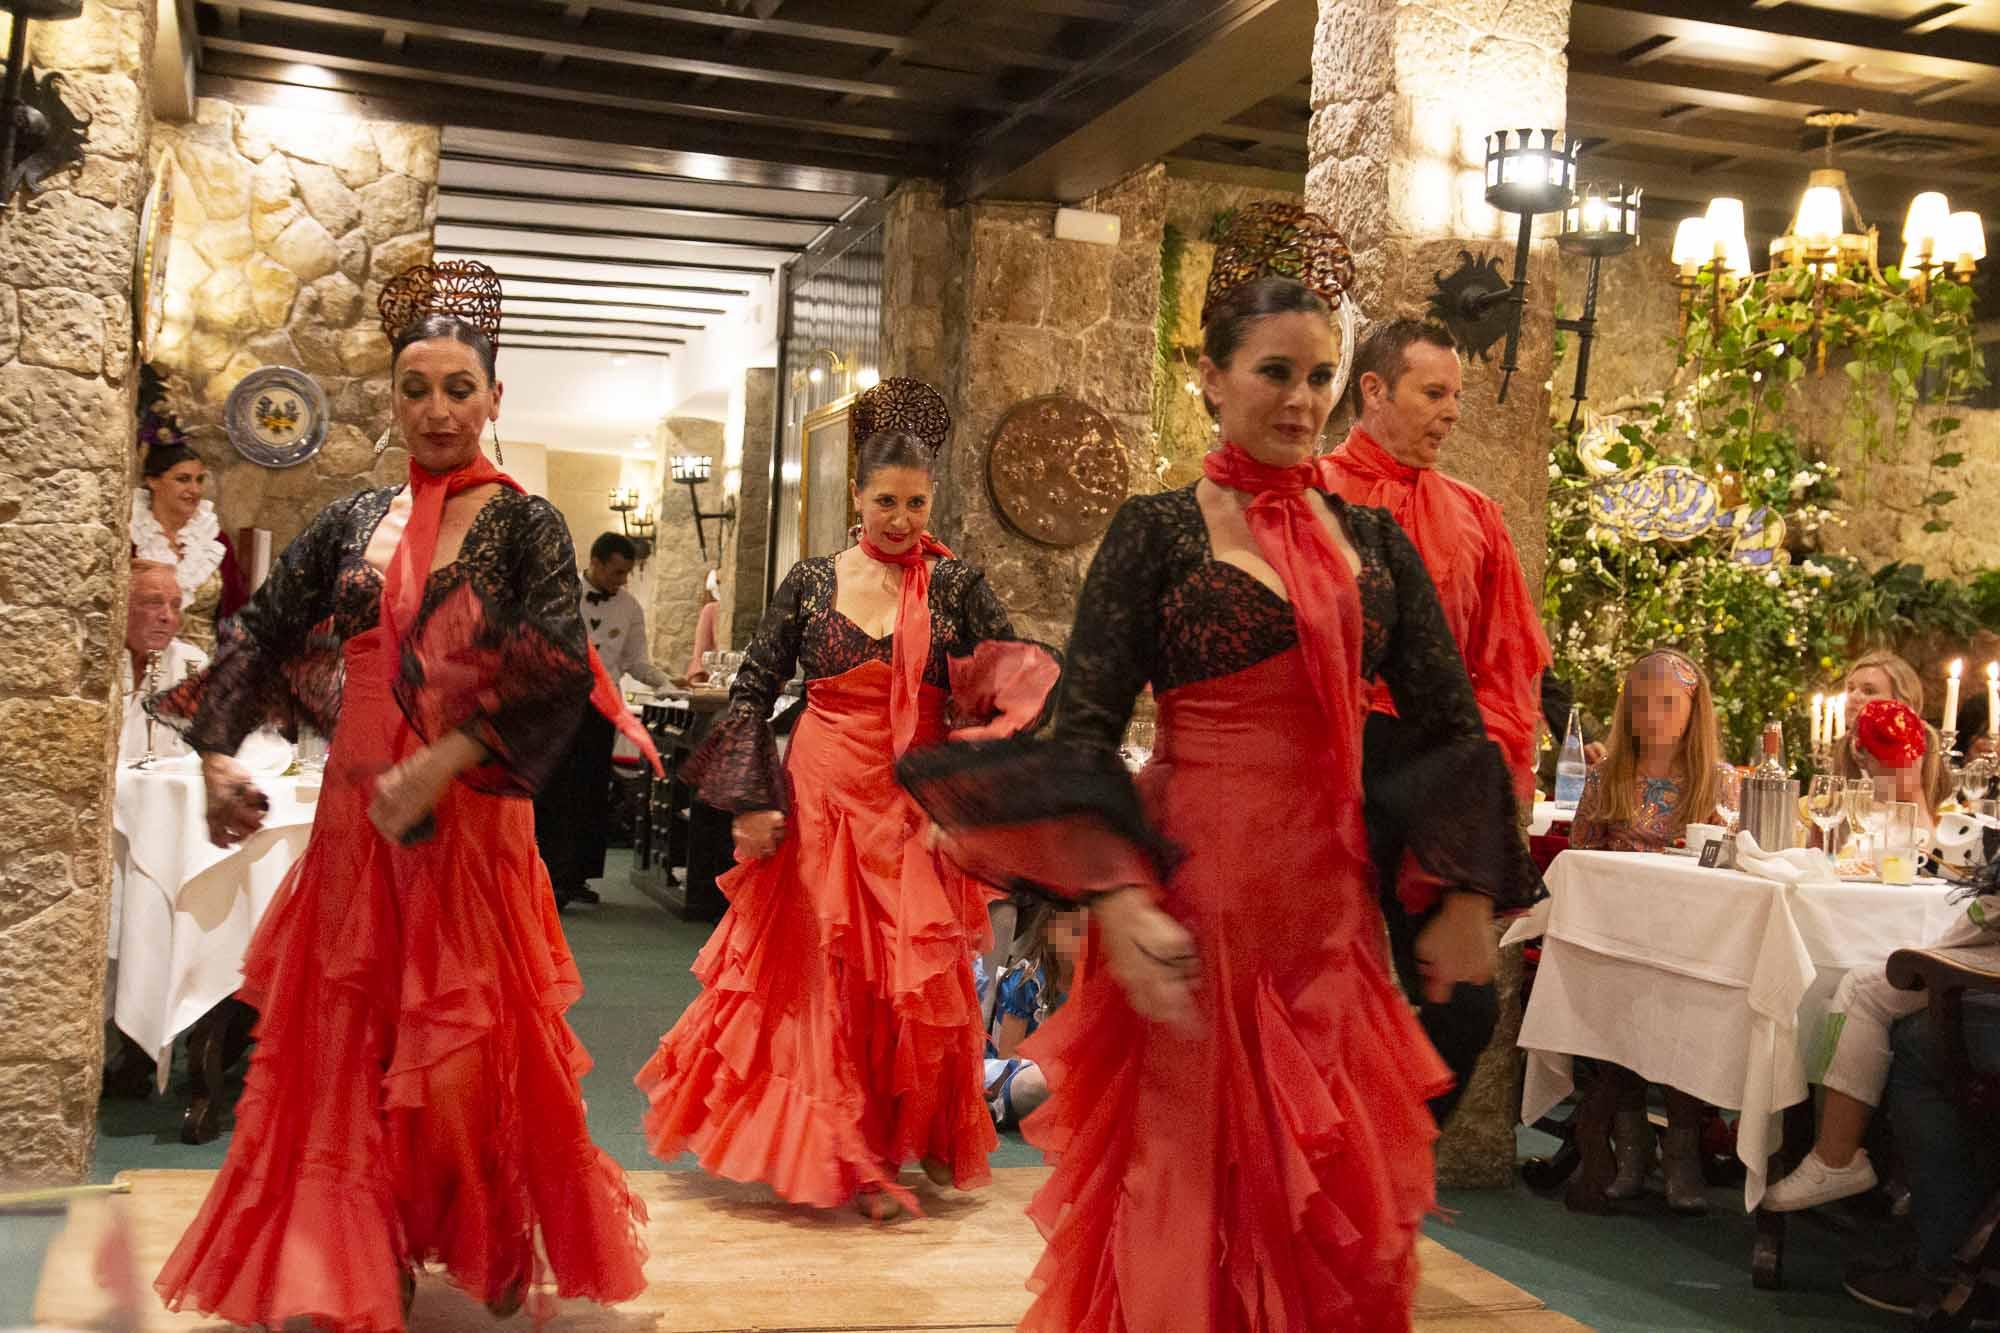 Tanzdarbietung beim Halloween-Abend im Hotel Bonsol